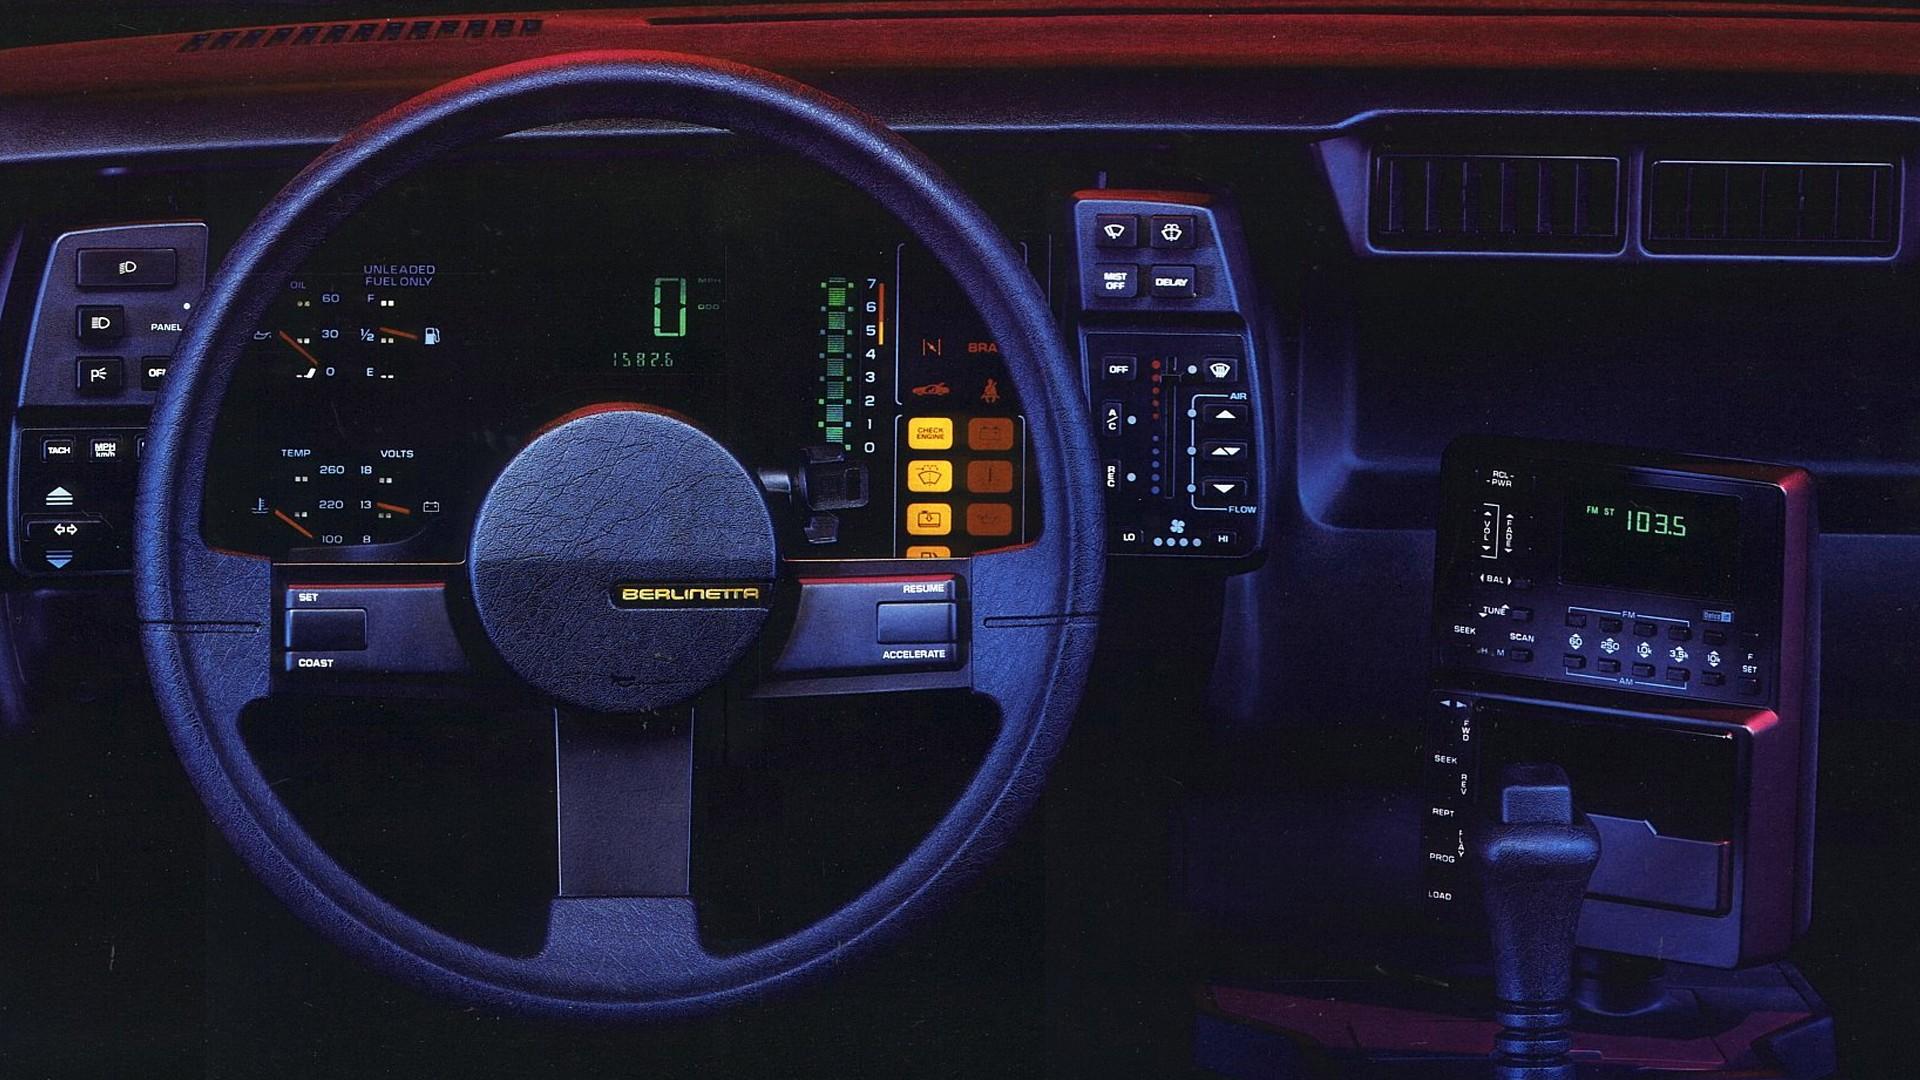 Chevrolet Camaro Berlinetta 1984 автомобиль авто chevrolet